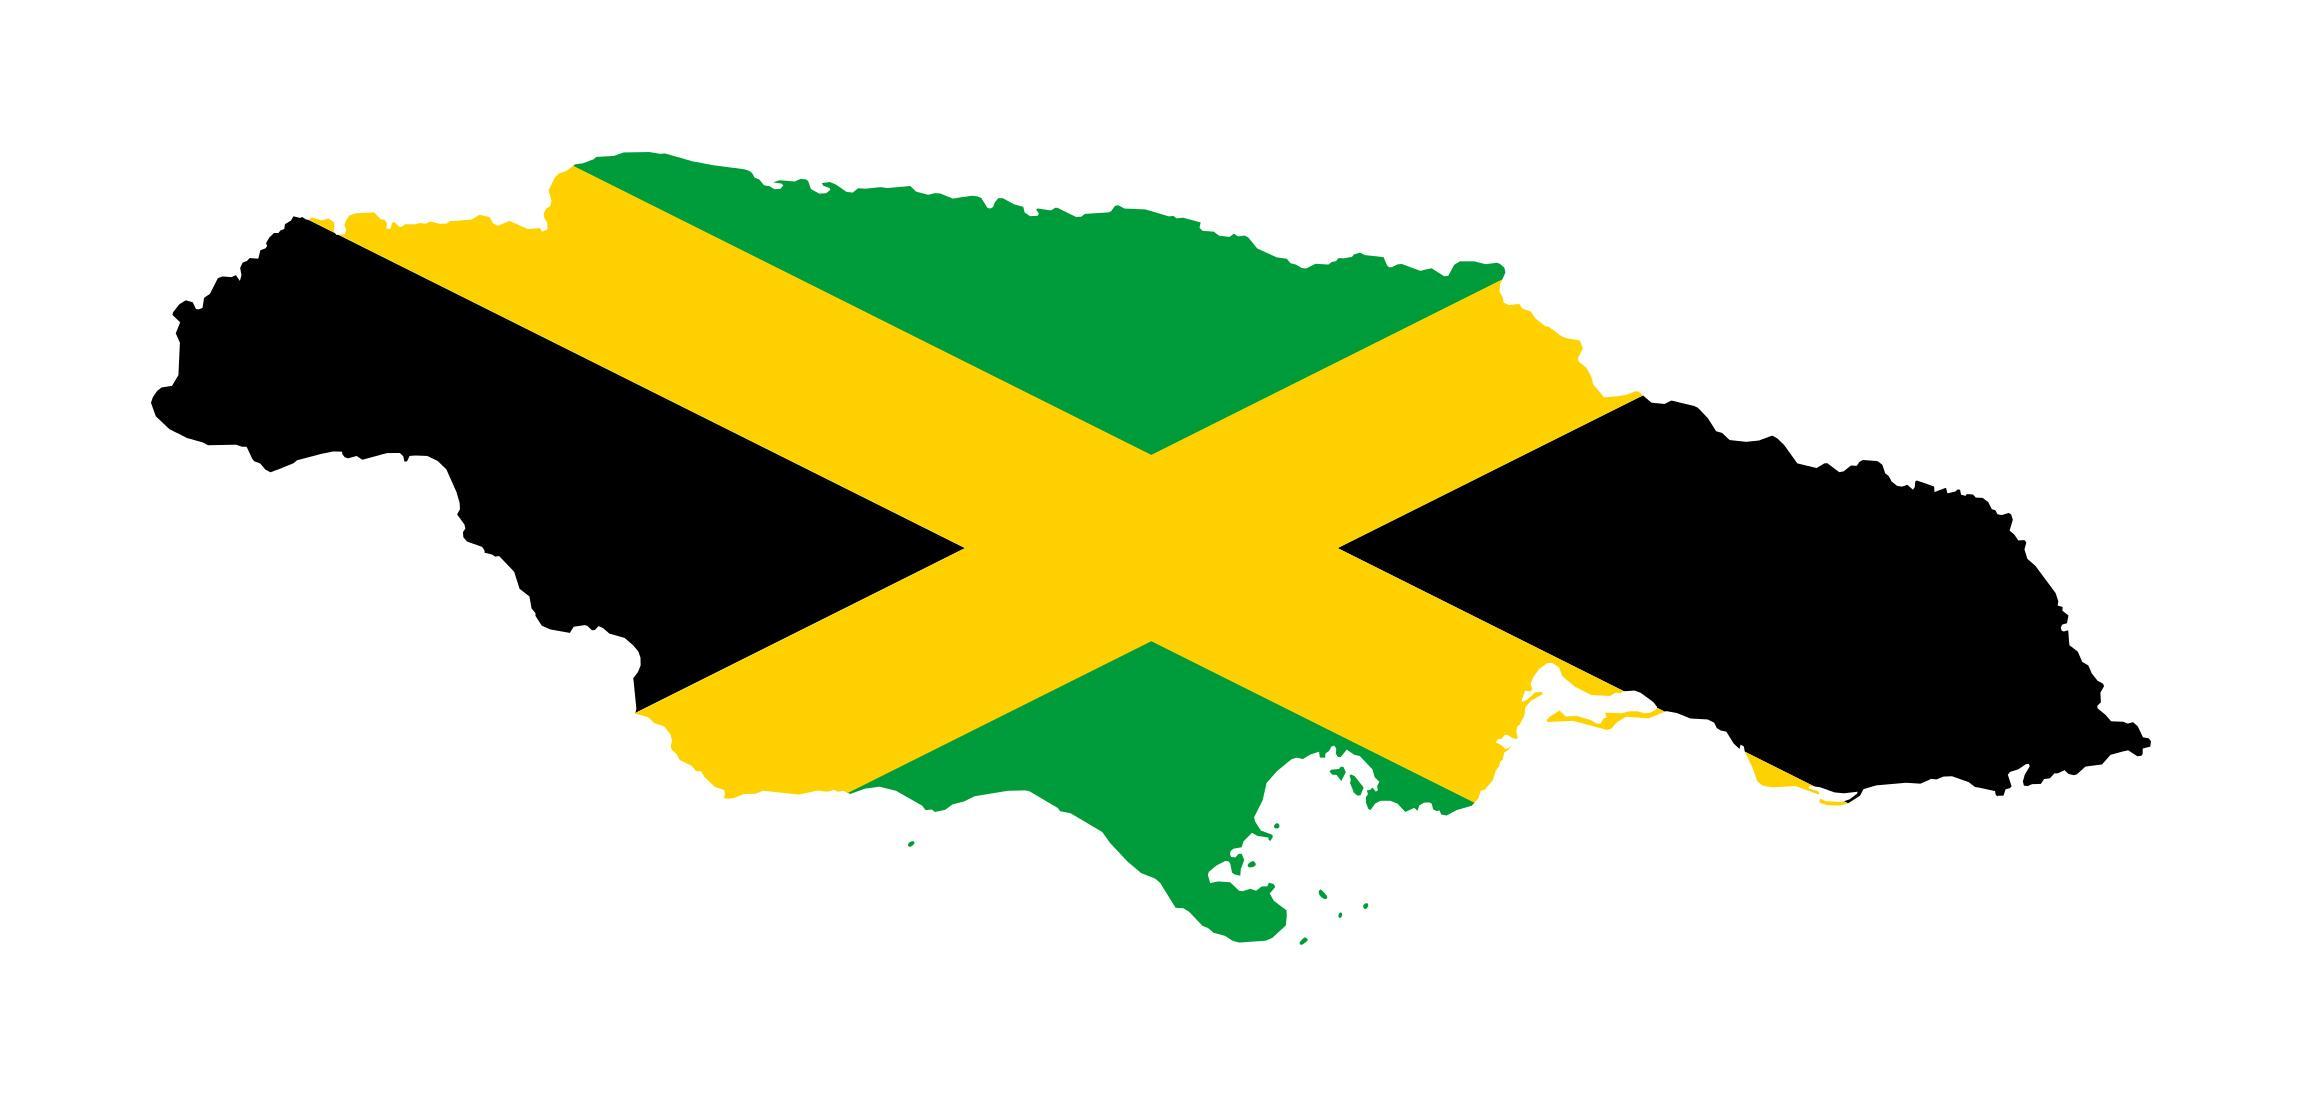 Jamaica flag map - Map of jamaica flag (Caribbean - Americas)